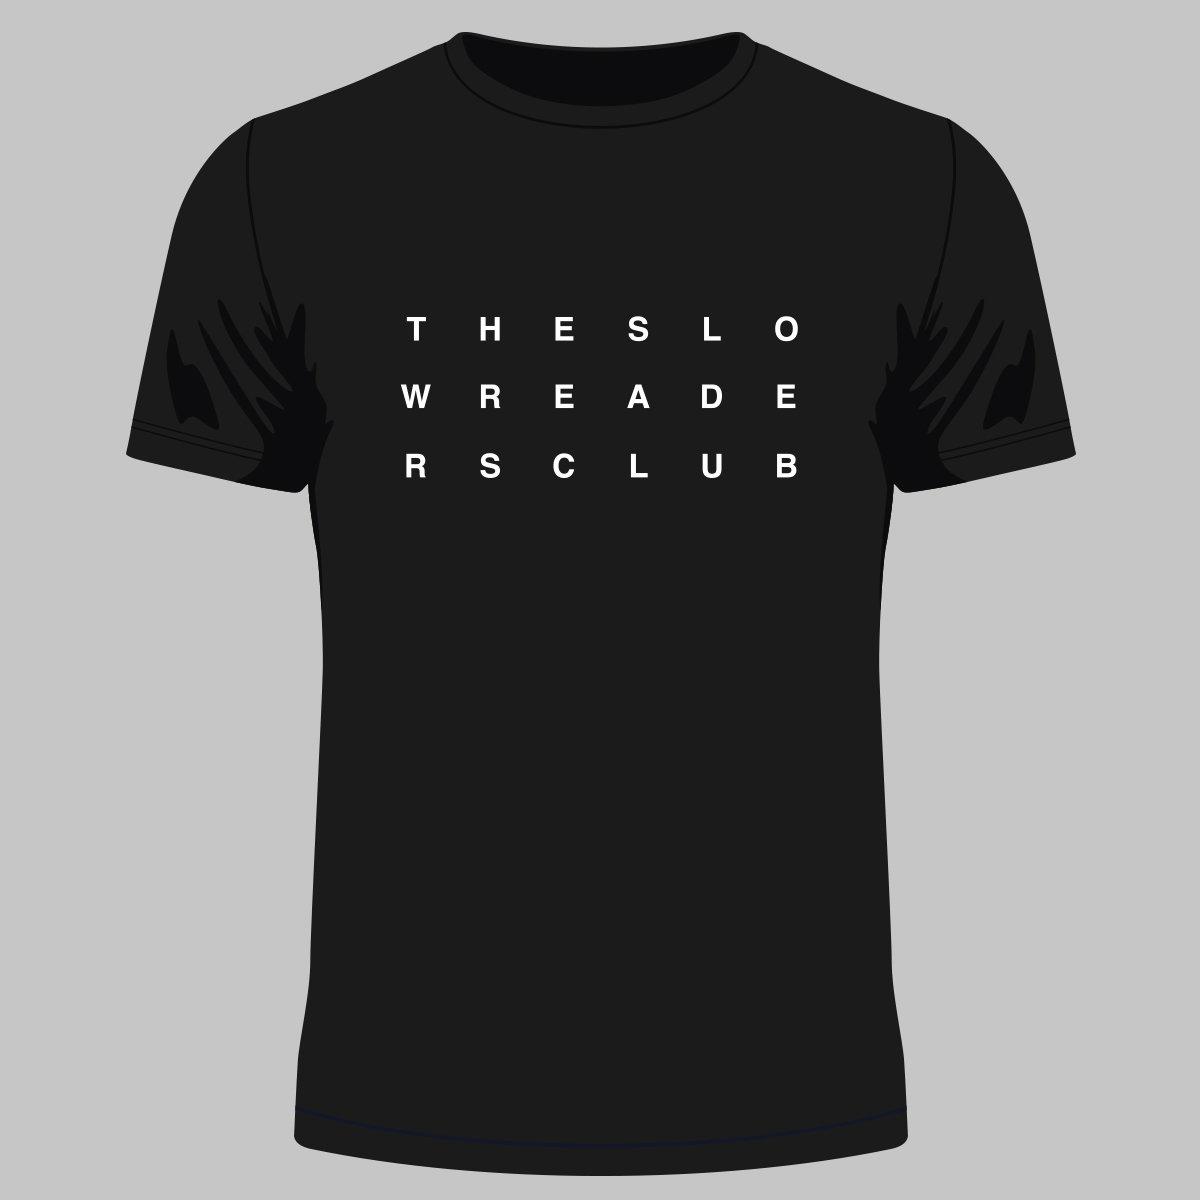 Mono Logo T-Shirt - Black - The Slow Readers Club